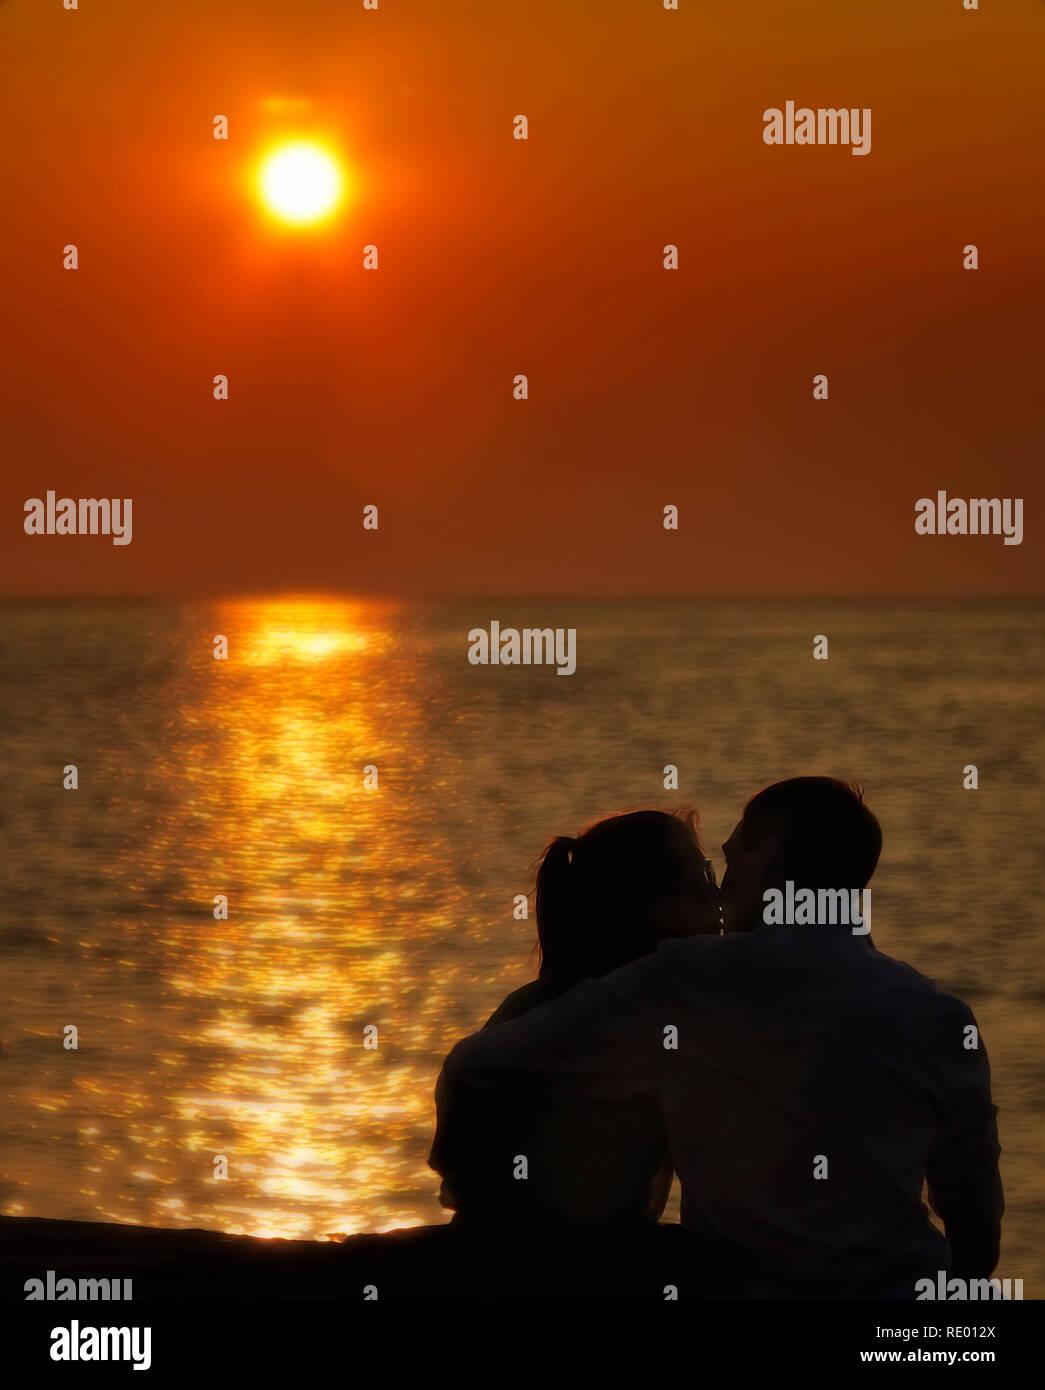 Saluti e Baci al tramonto. Umore romantico. Immagini Stock